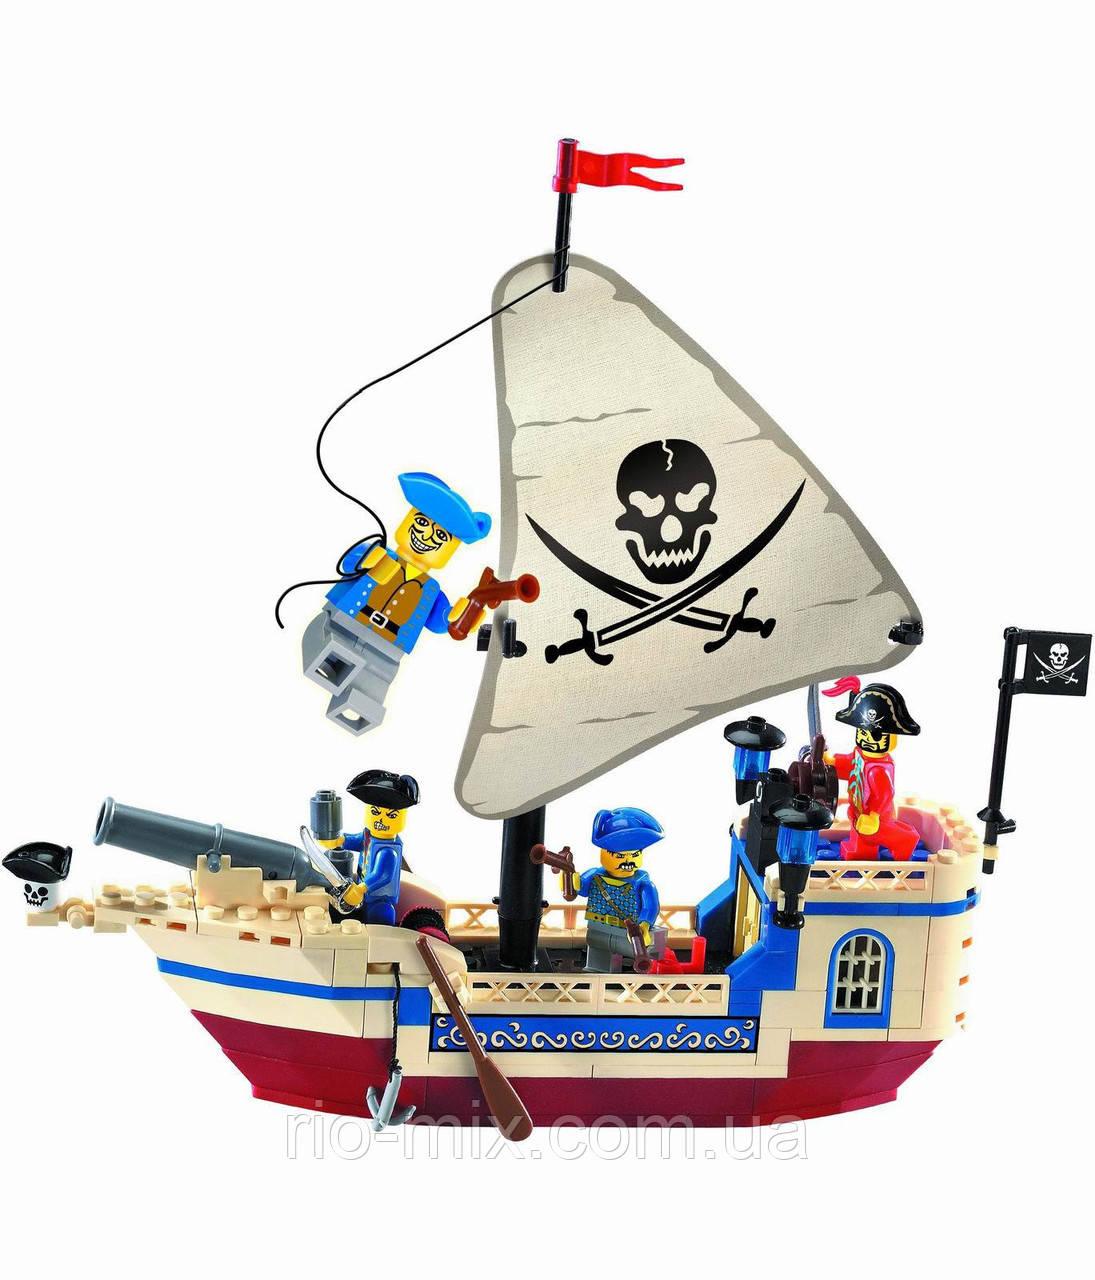 Конструктор Brick 304 Пиратский корабль, фото 1